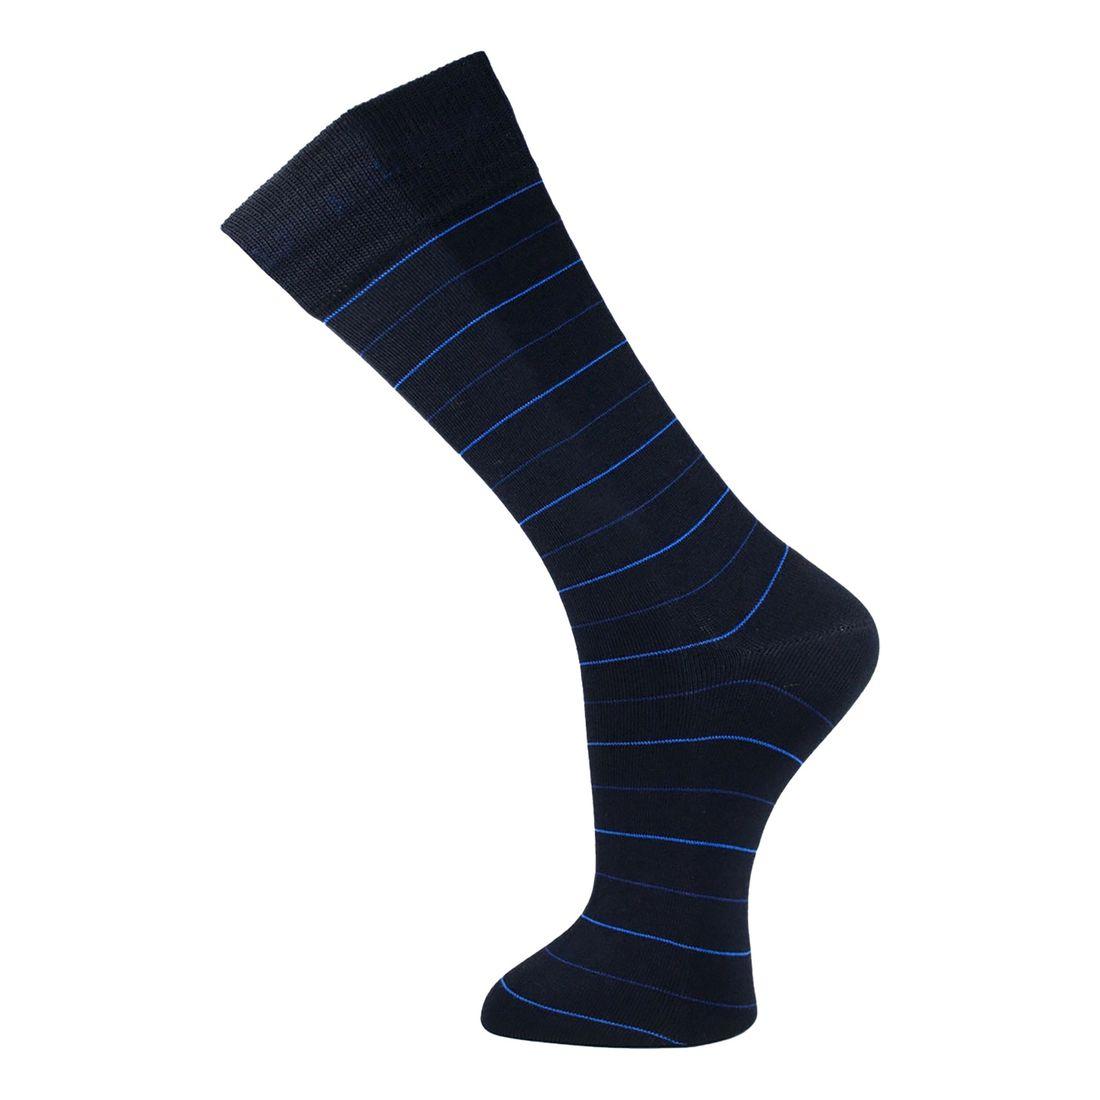 Afbeelding van Effio sokken travel no. 610 heren